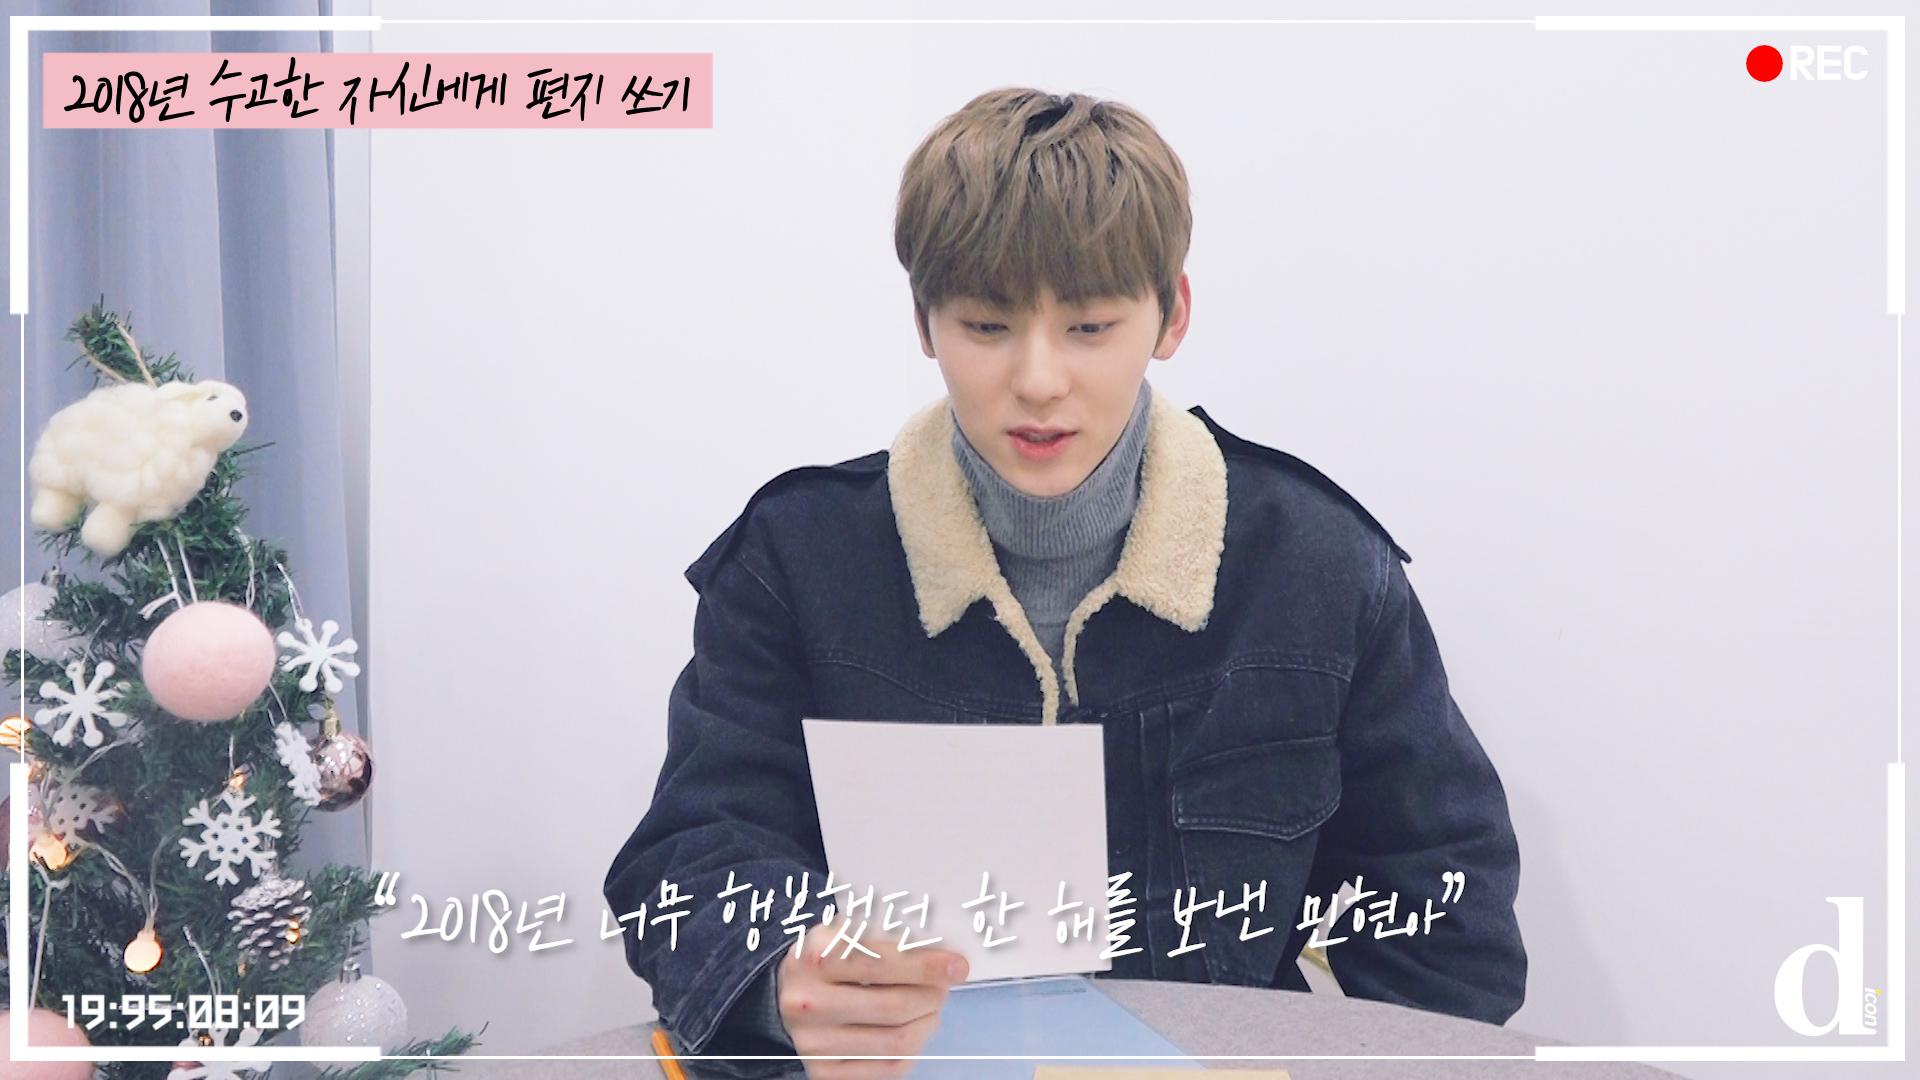 """[디아이콘] """"행복한 한 해를 보낸 민현아!"""" (황민현:워너원)"""